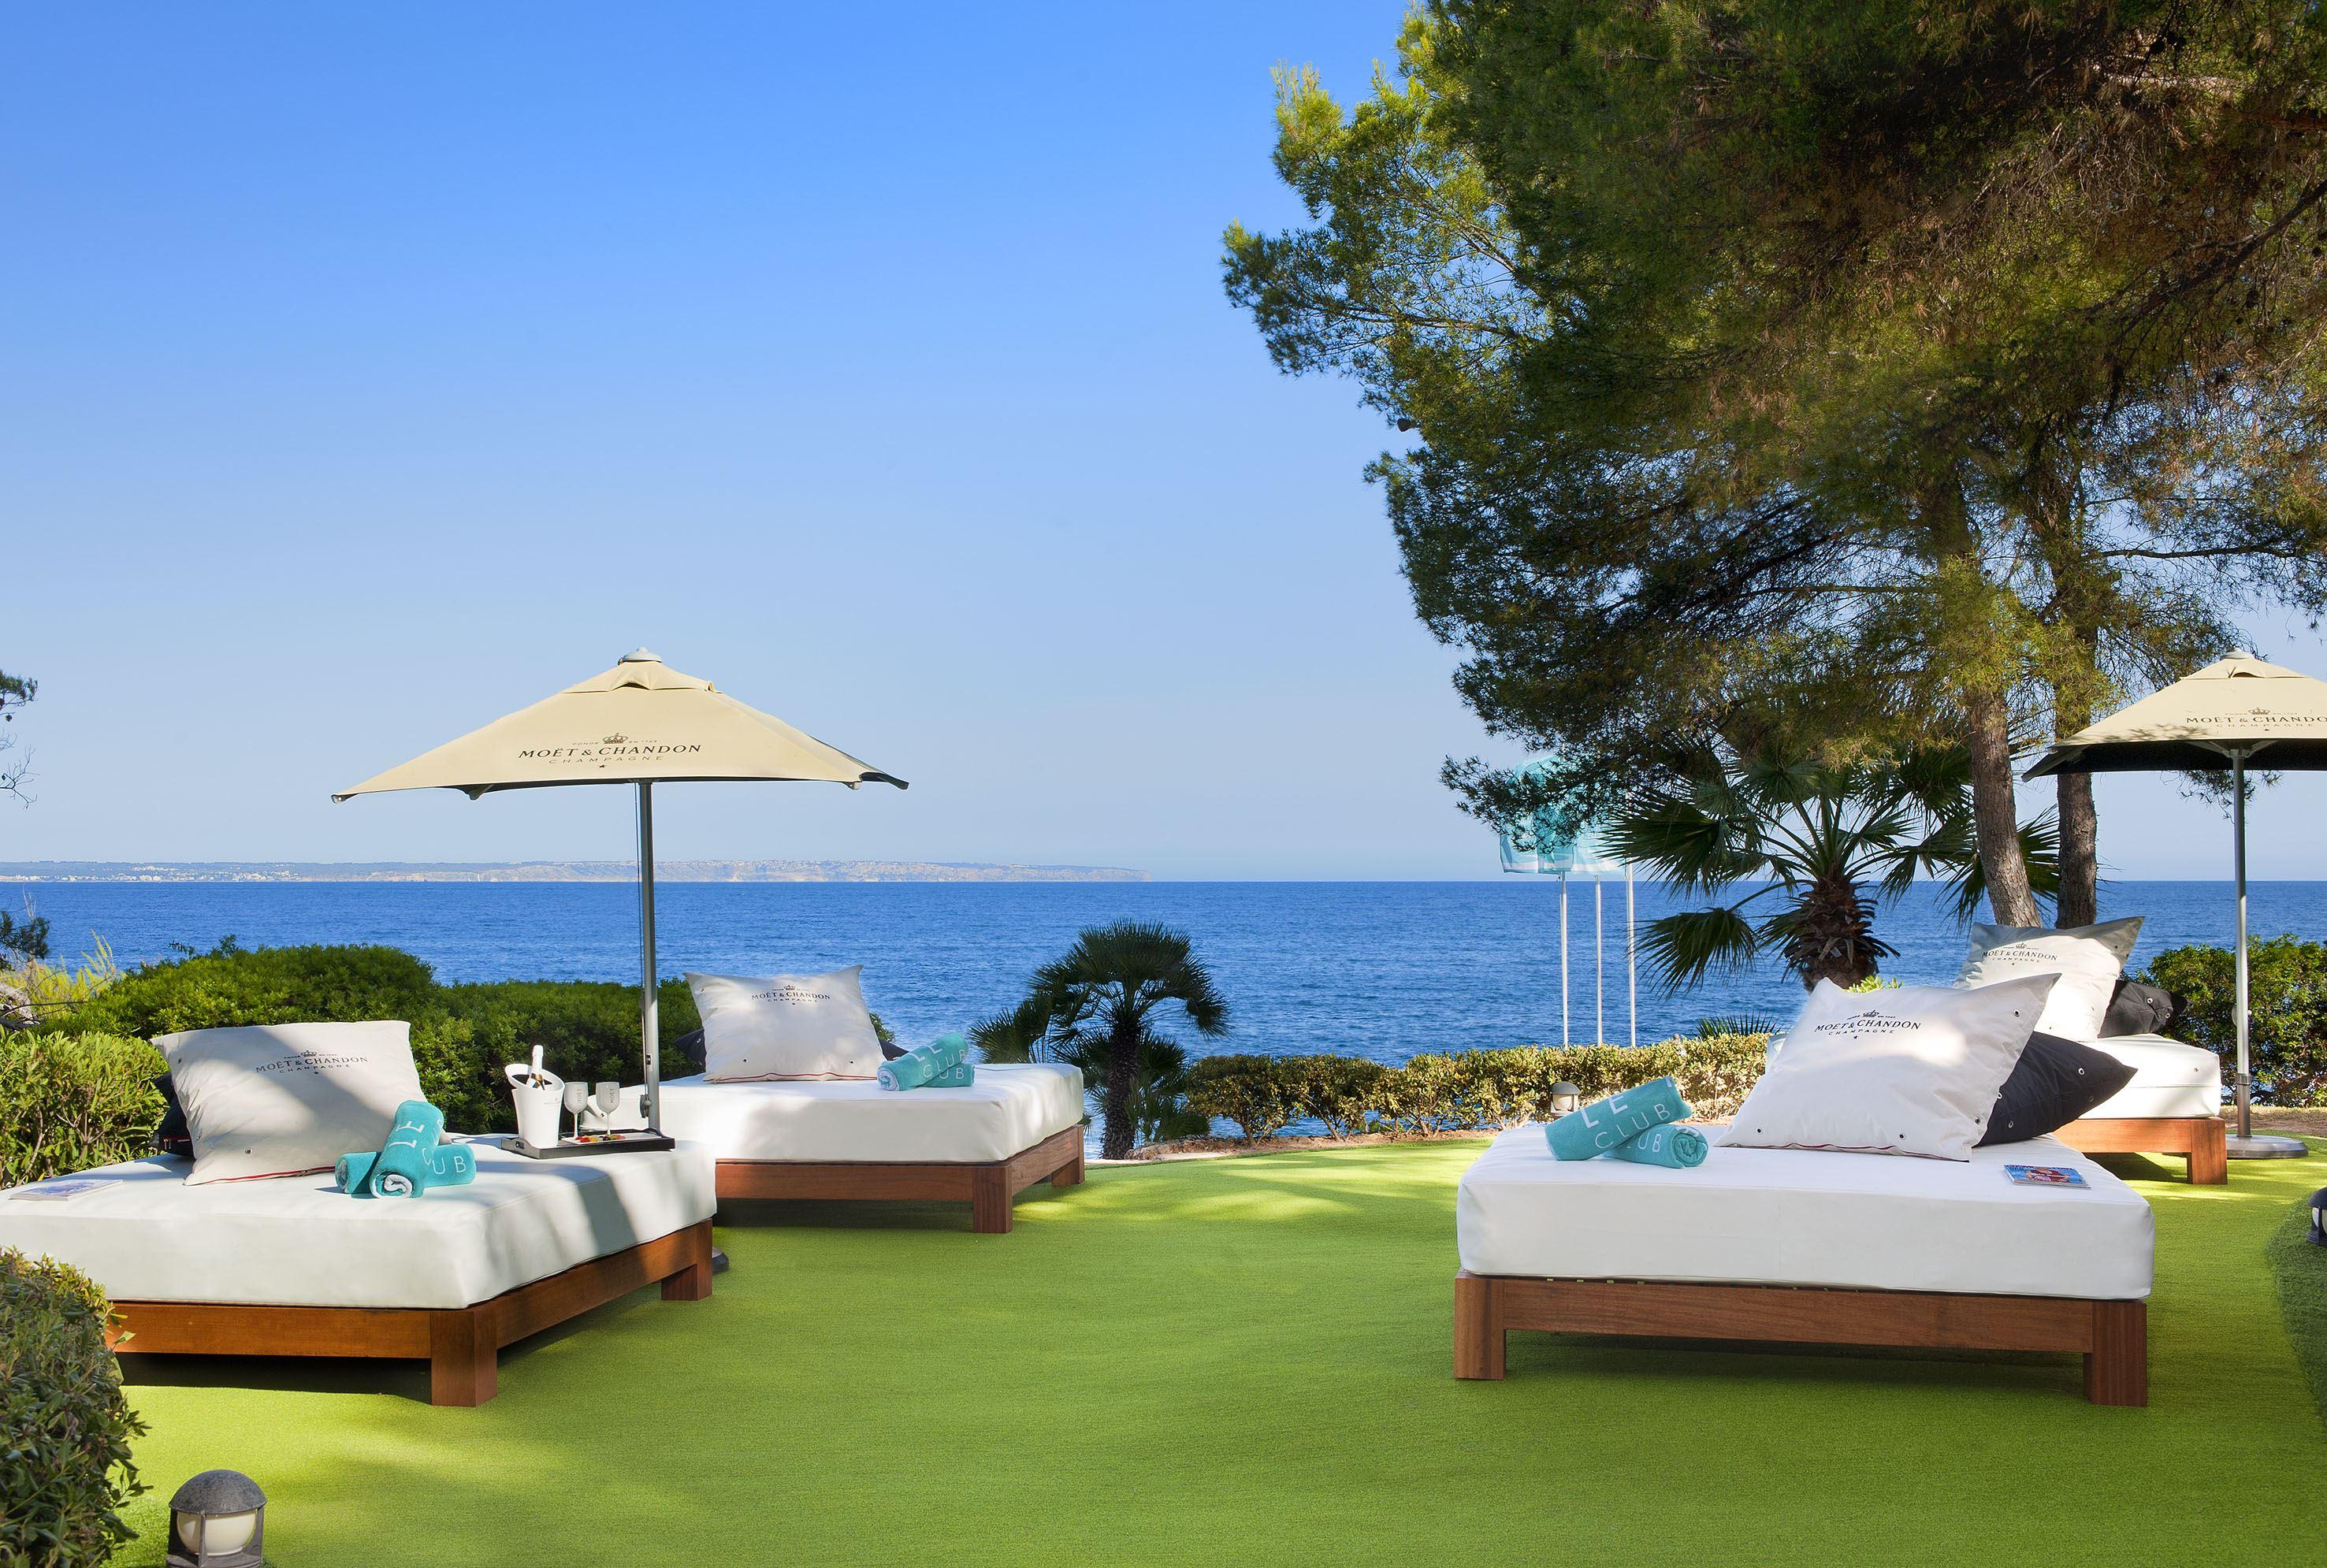 Balisolsängar på Hotell Gran Melia de Mar, Illetas Mallorca